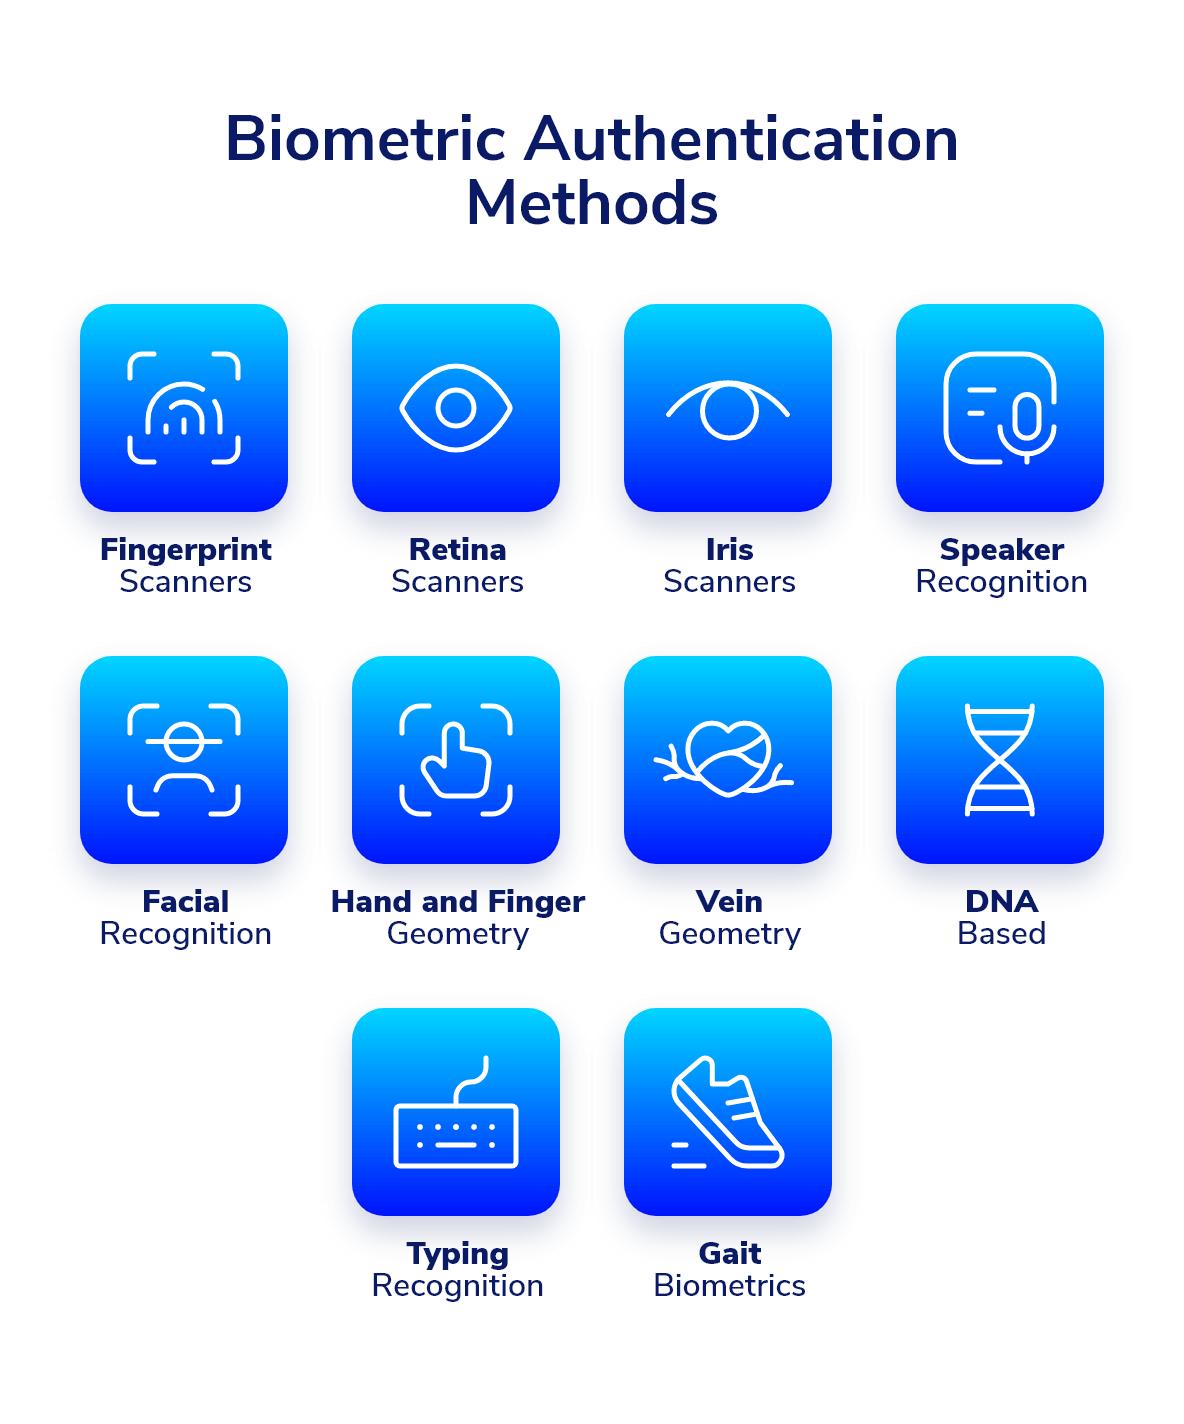 biometric-authentication-methods